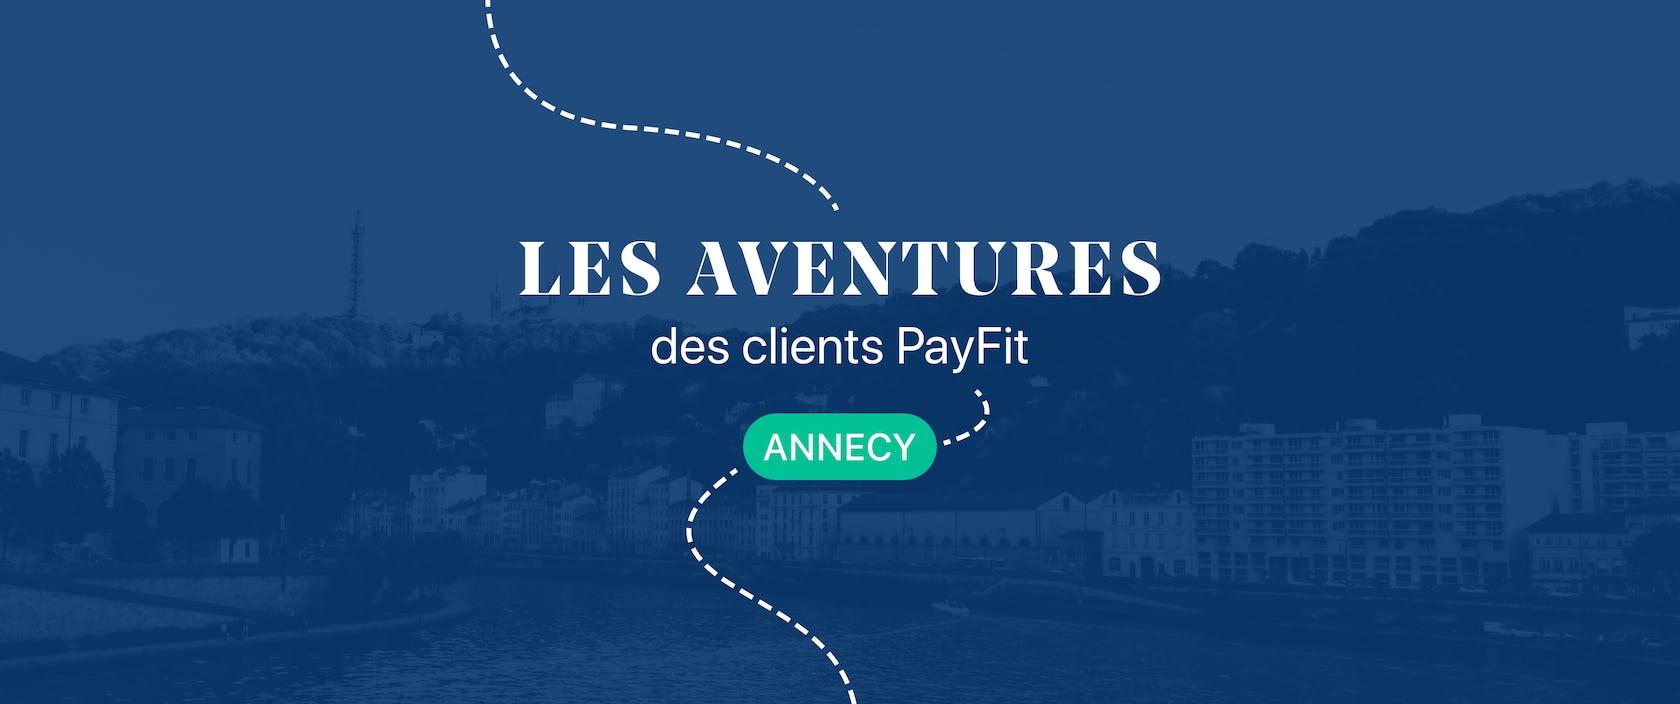 client payfit